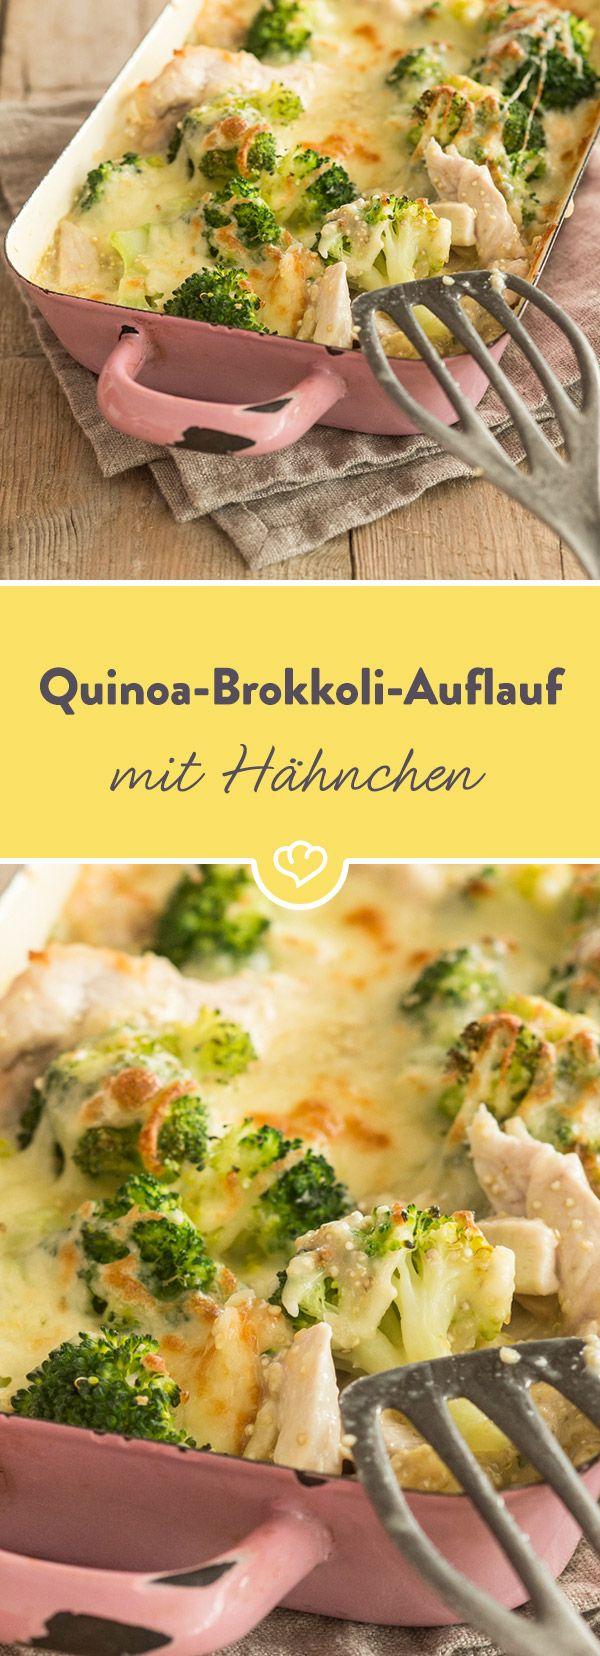 Photo of Chicken and Quinoa broccoli casserole